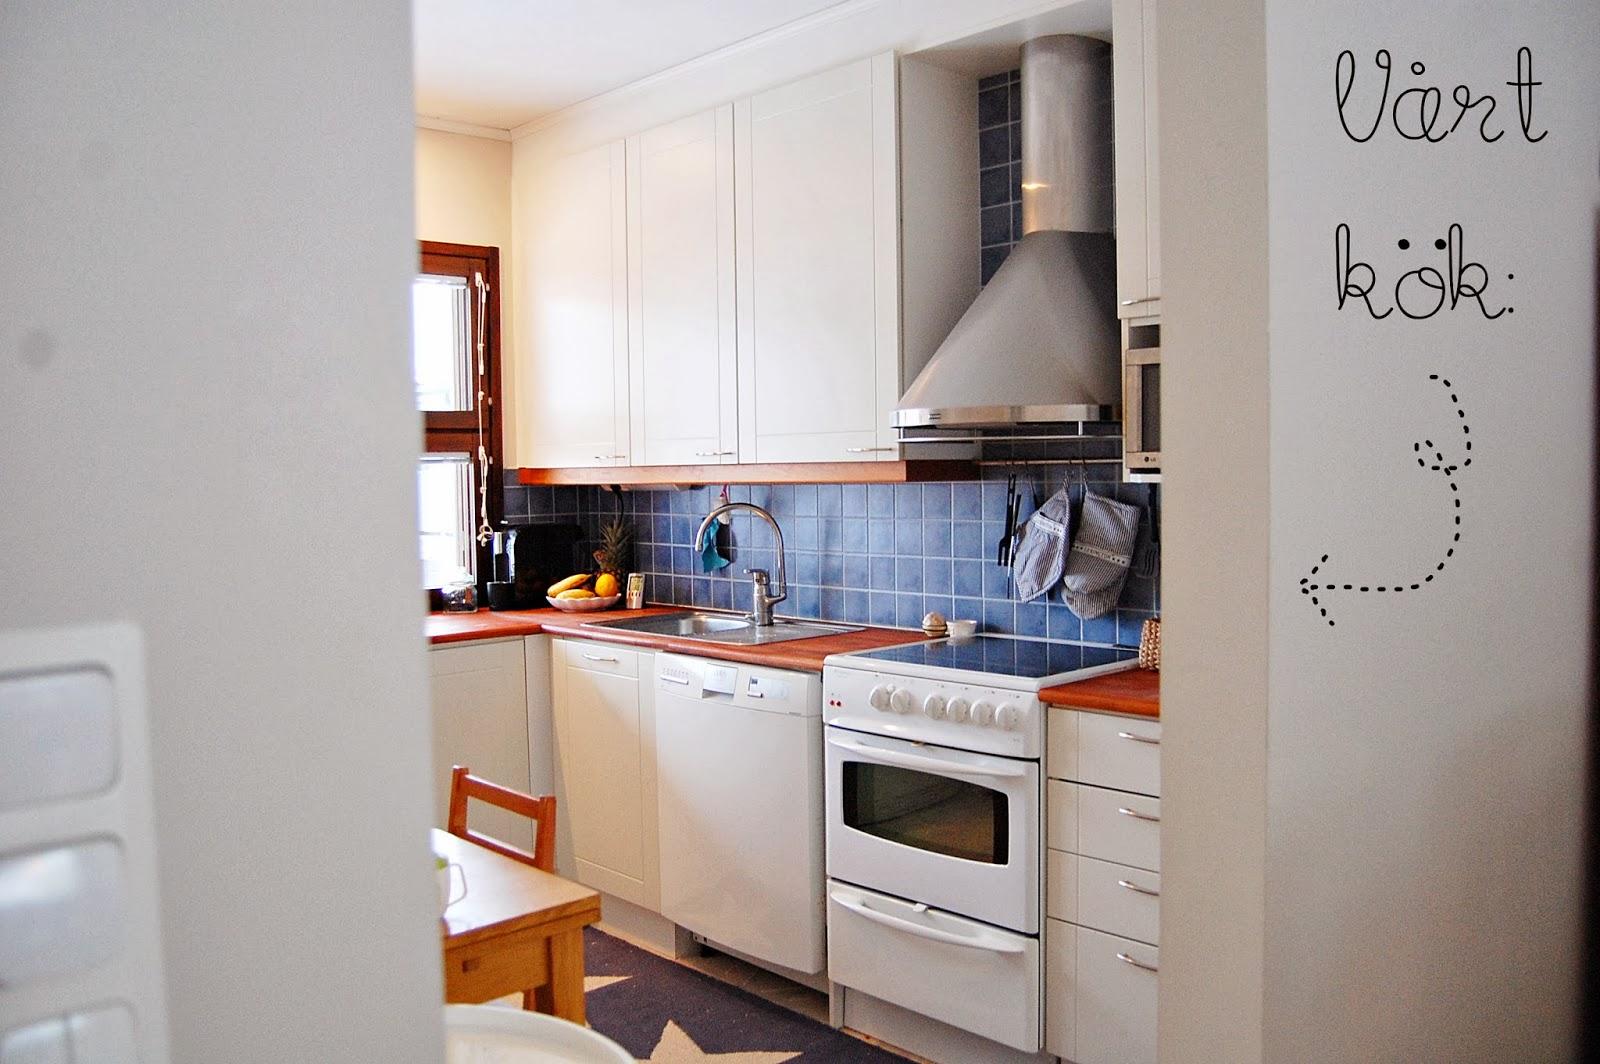 Lilla hanna i stora världen: 25. kolla! här är en bild från mitt kök.